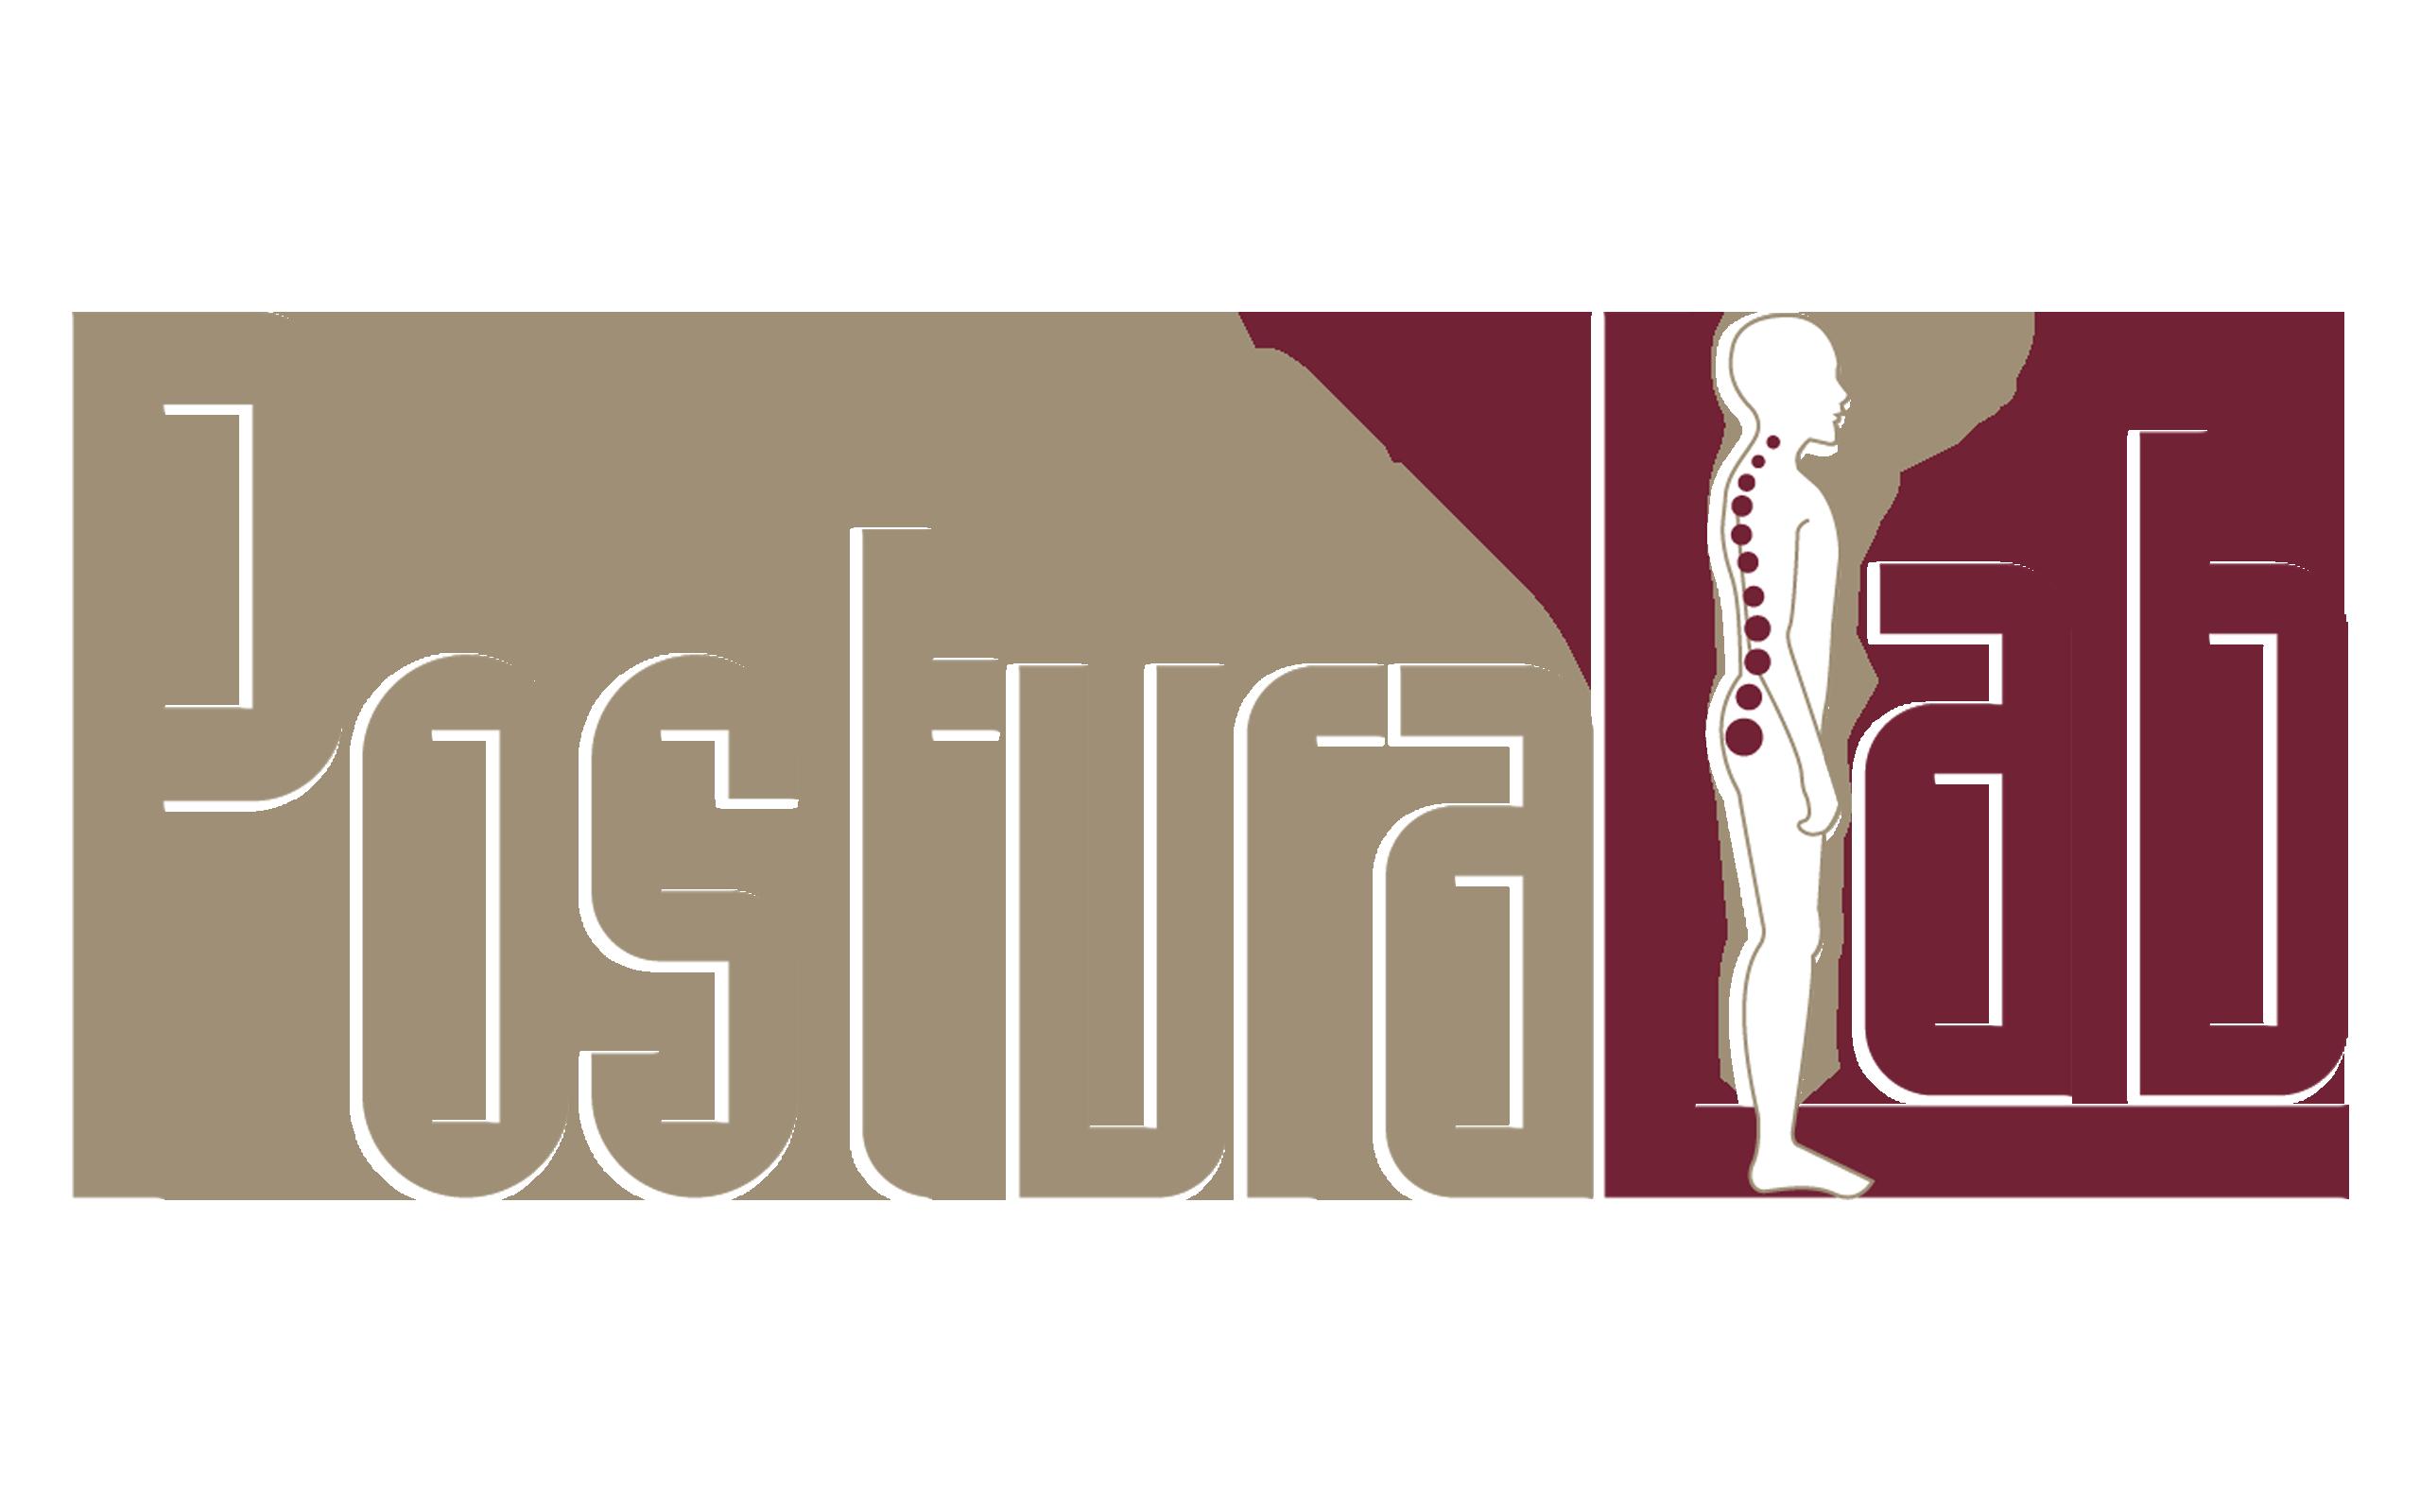 Posturalab